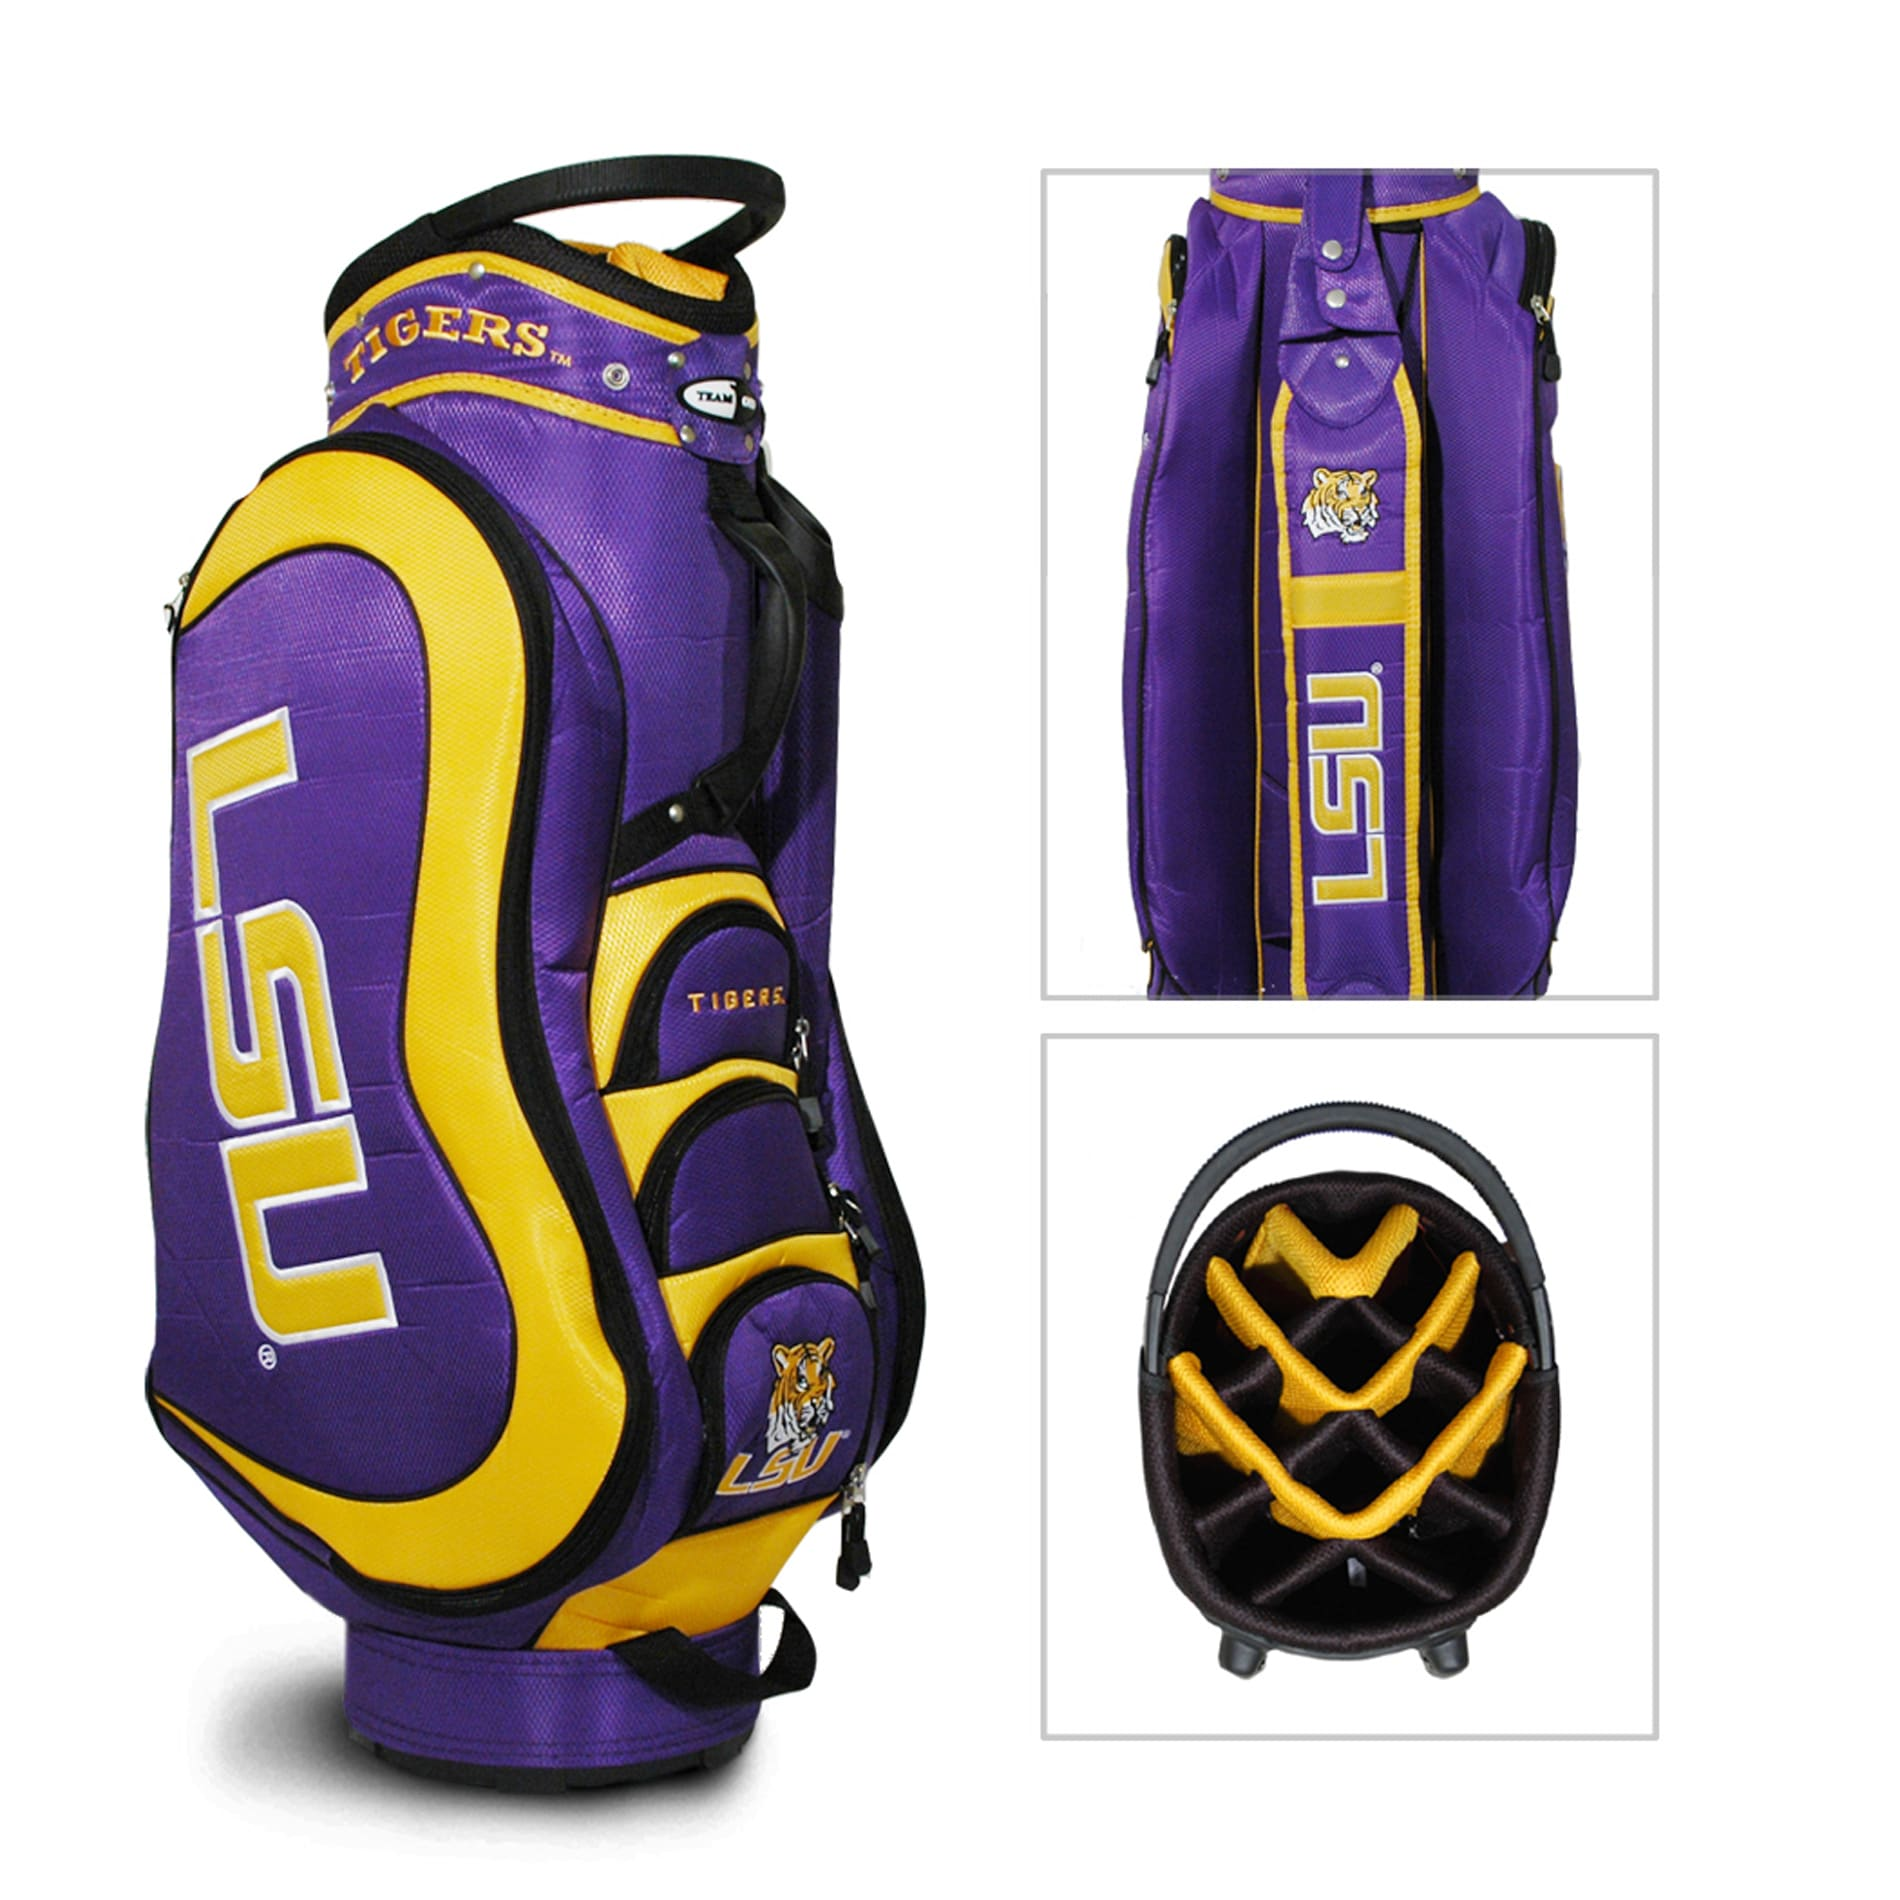 LSU Tigers NCAA Medalist Cart Golf Bag